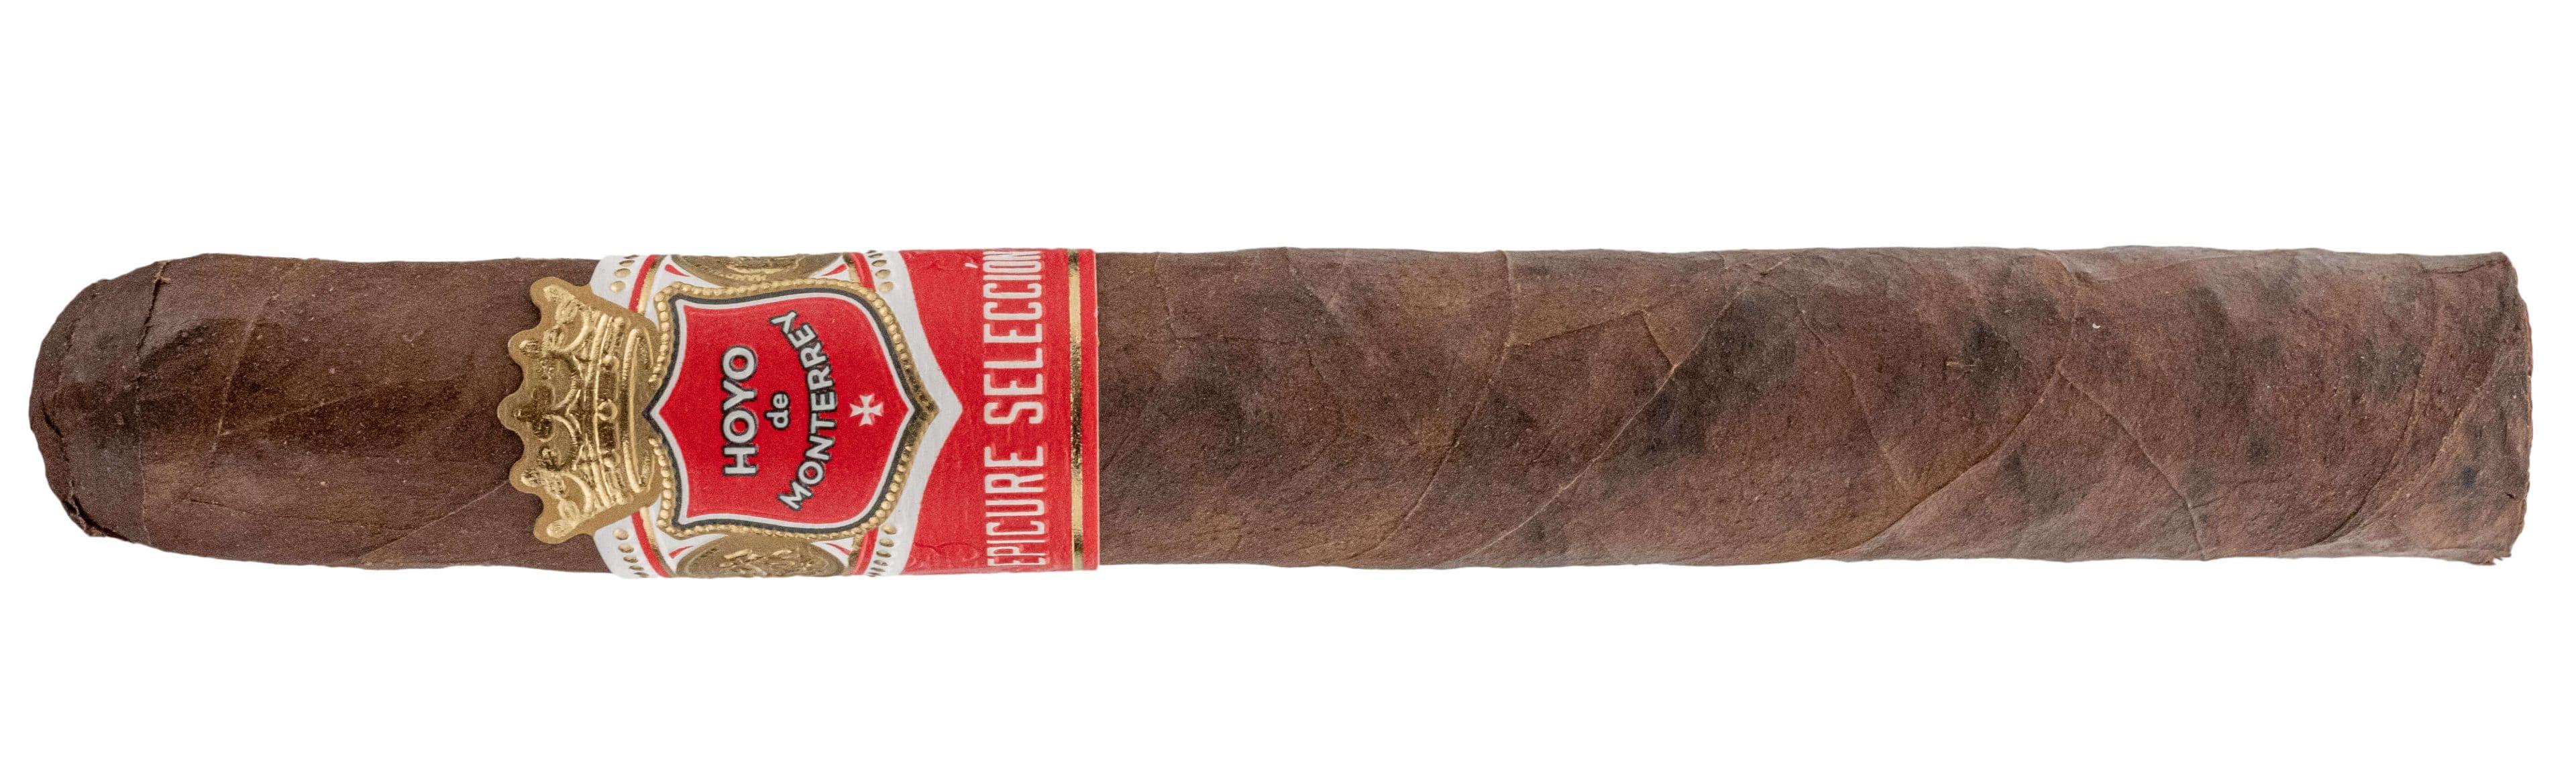 Blind Cigar Review: Hoyo de Monterrey | Epicure Selection No 1.